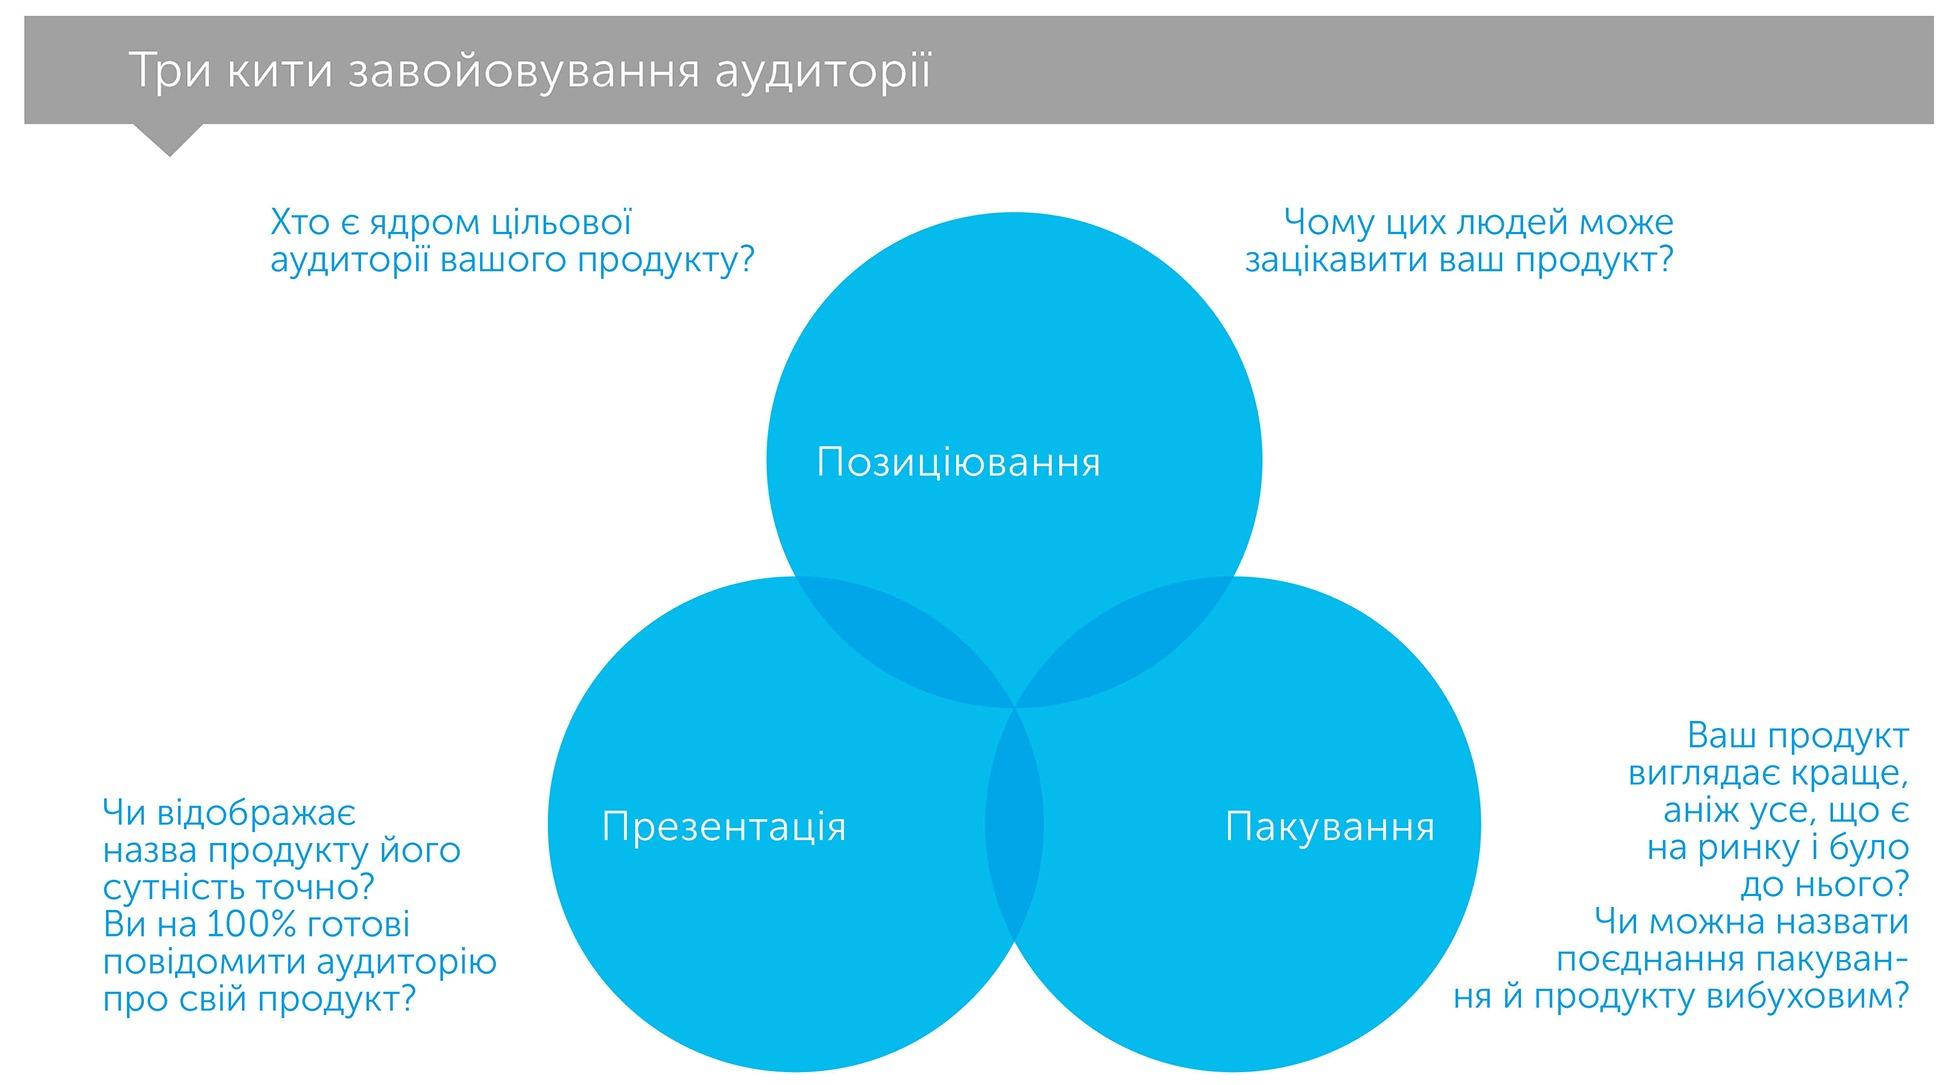 Довговічні, автор Райан Холідей | Kyivstar Business Hub, зображення №3